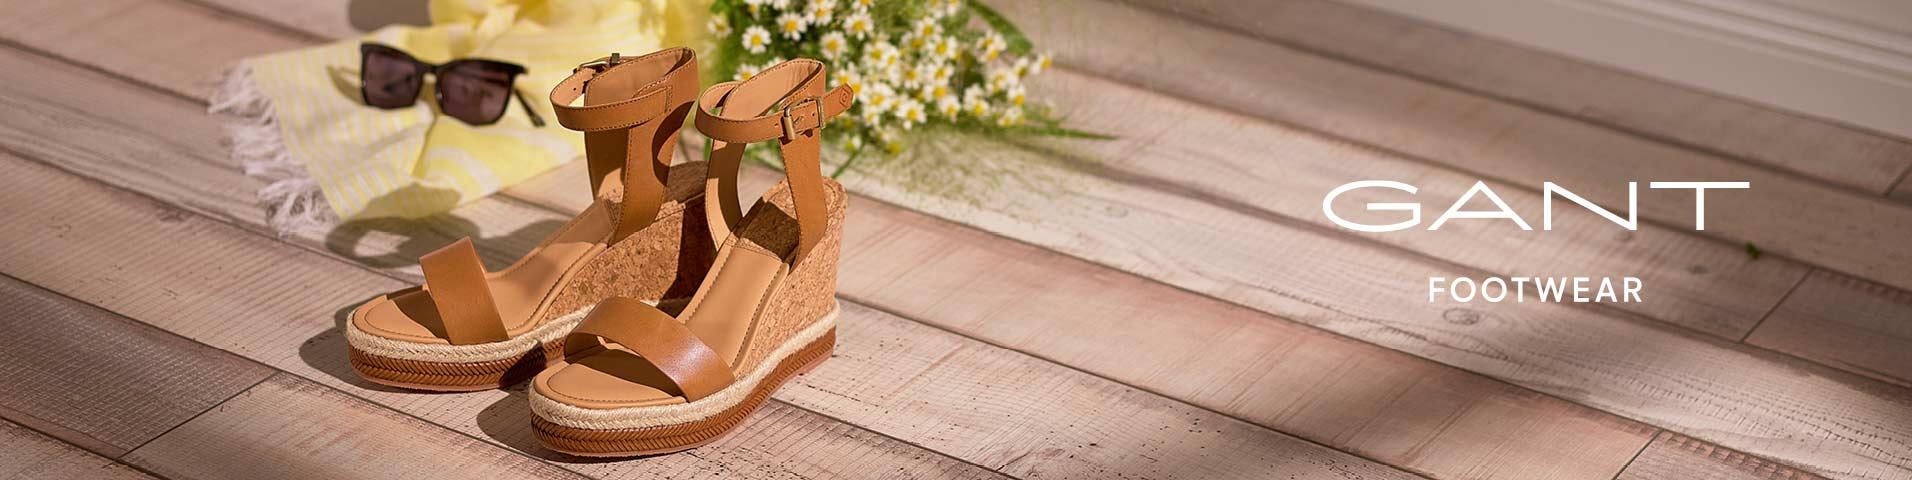 MujerComprar Zapatos En Online Calzado Femenino Gant Zalando De b7vYf6gImy